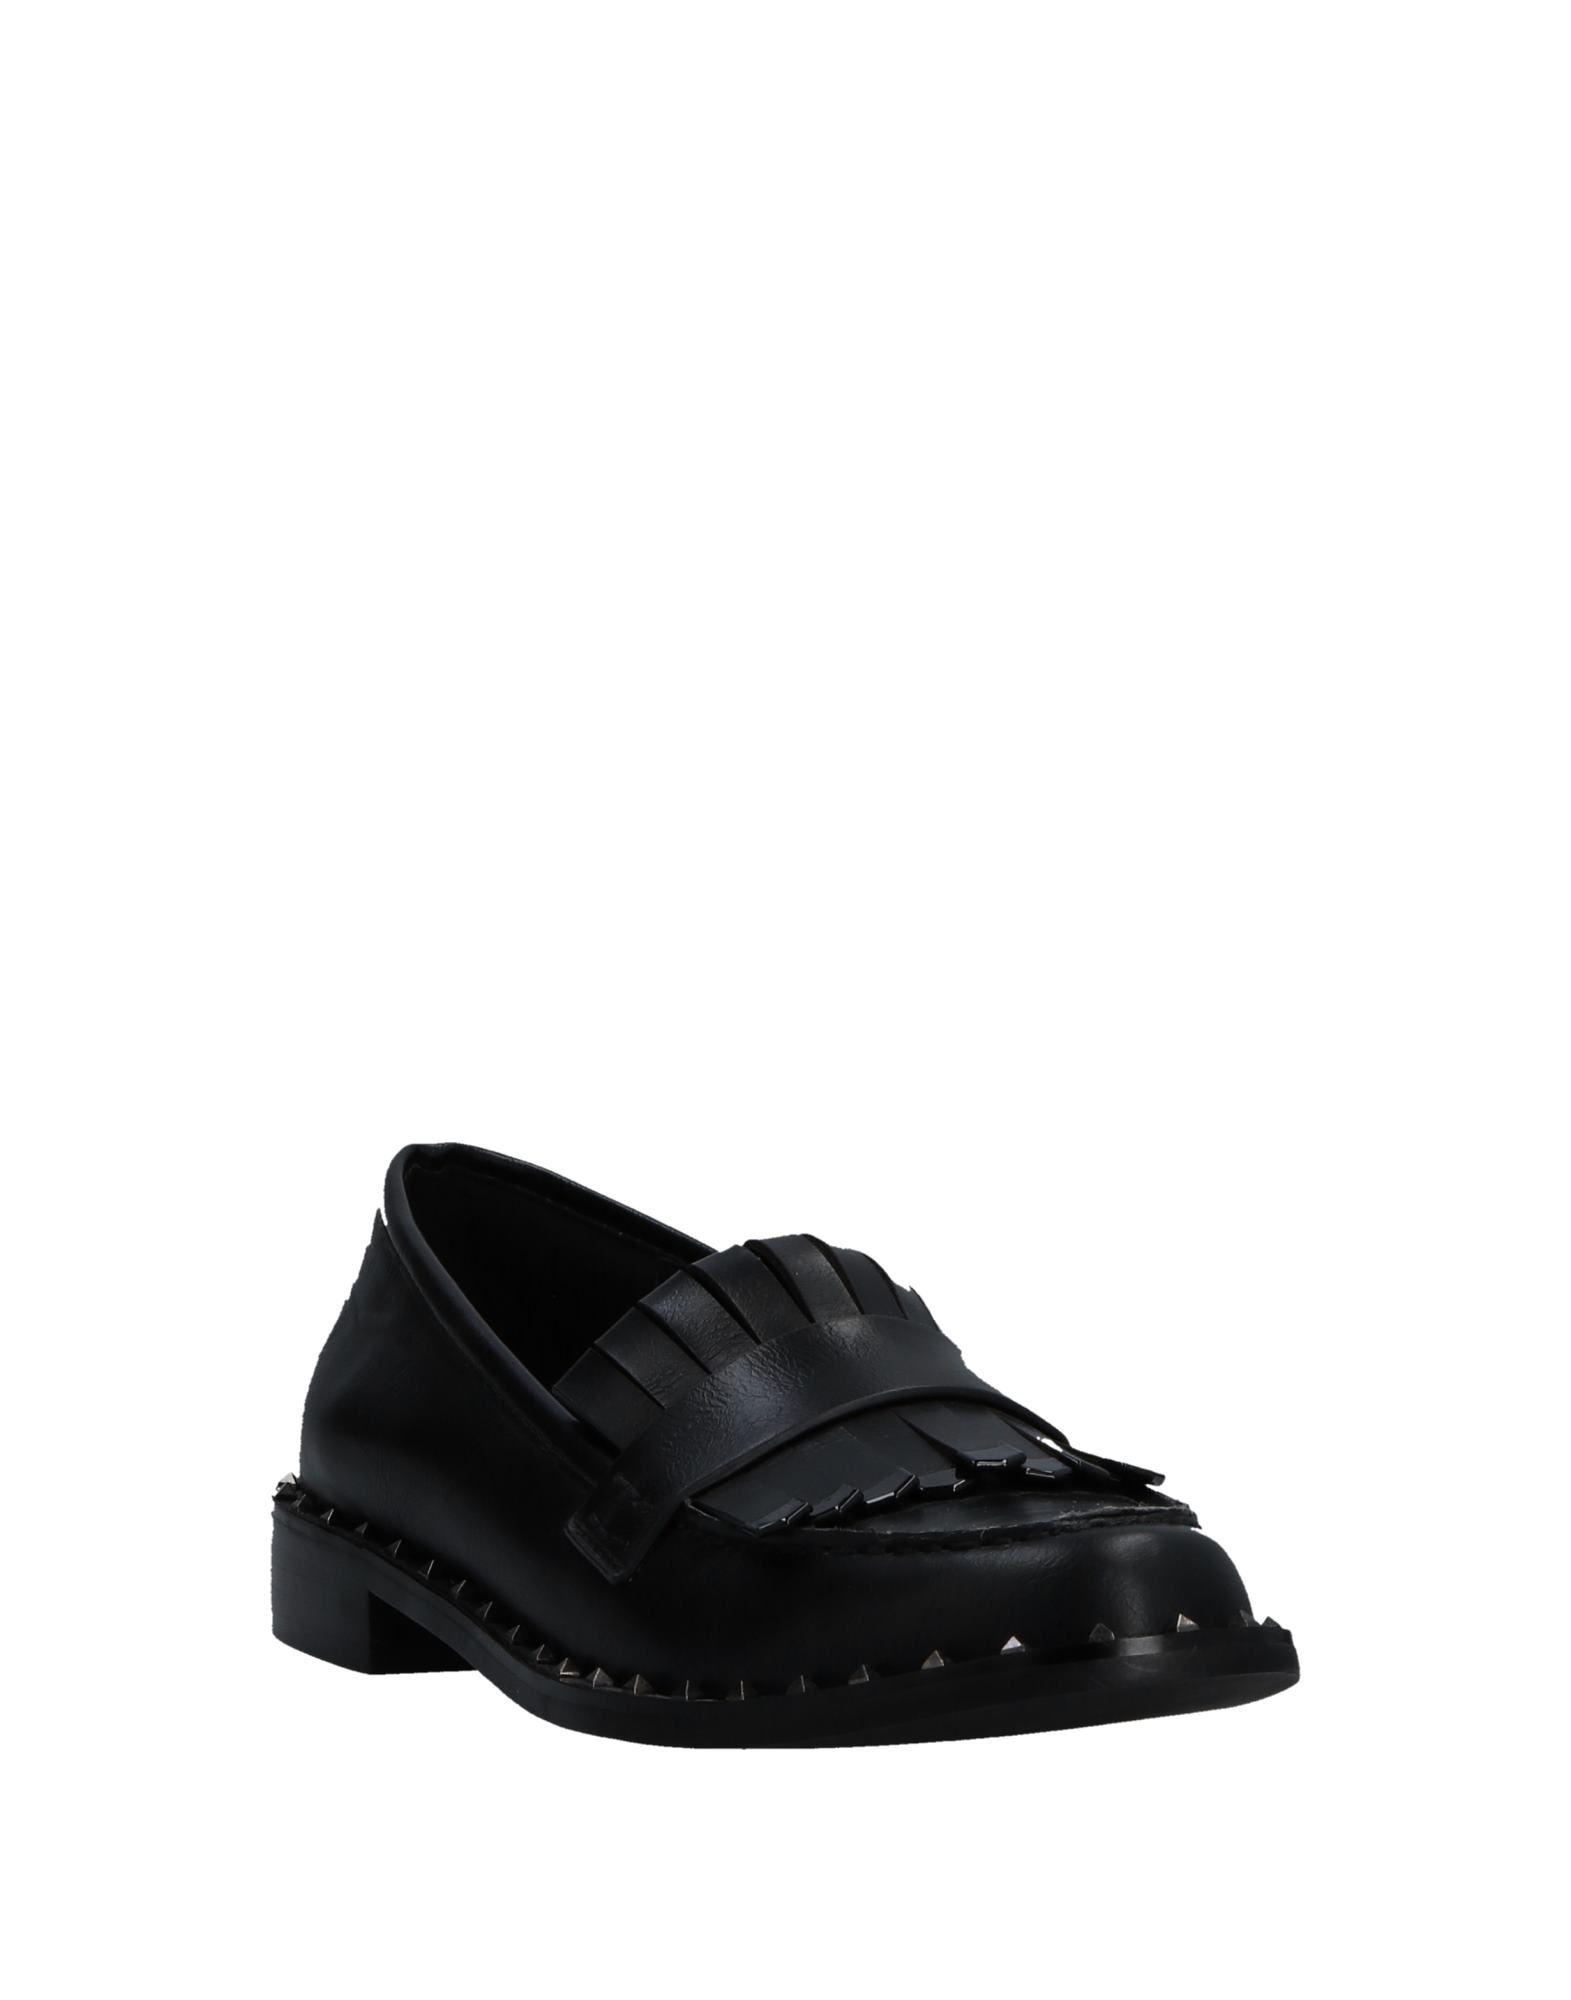 Bibi 11525307RB Lou Mokassins Damen  11525307RB Bibi Gute Qualität beliebte Schuhe 727b64